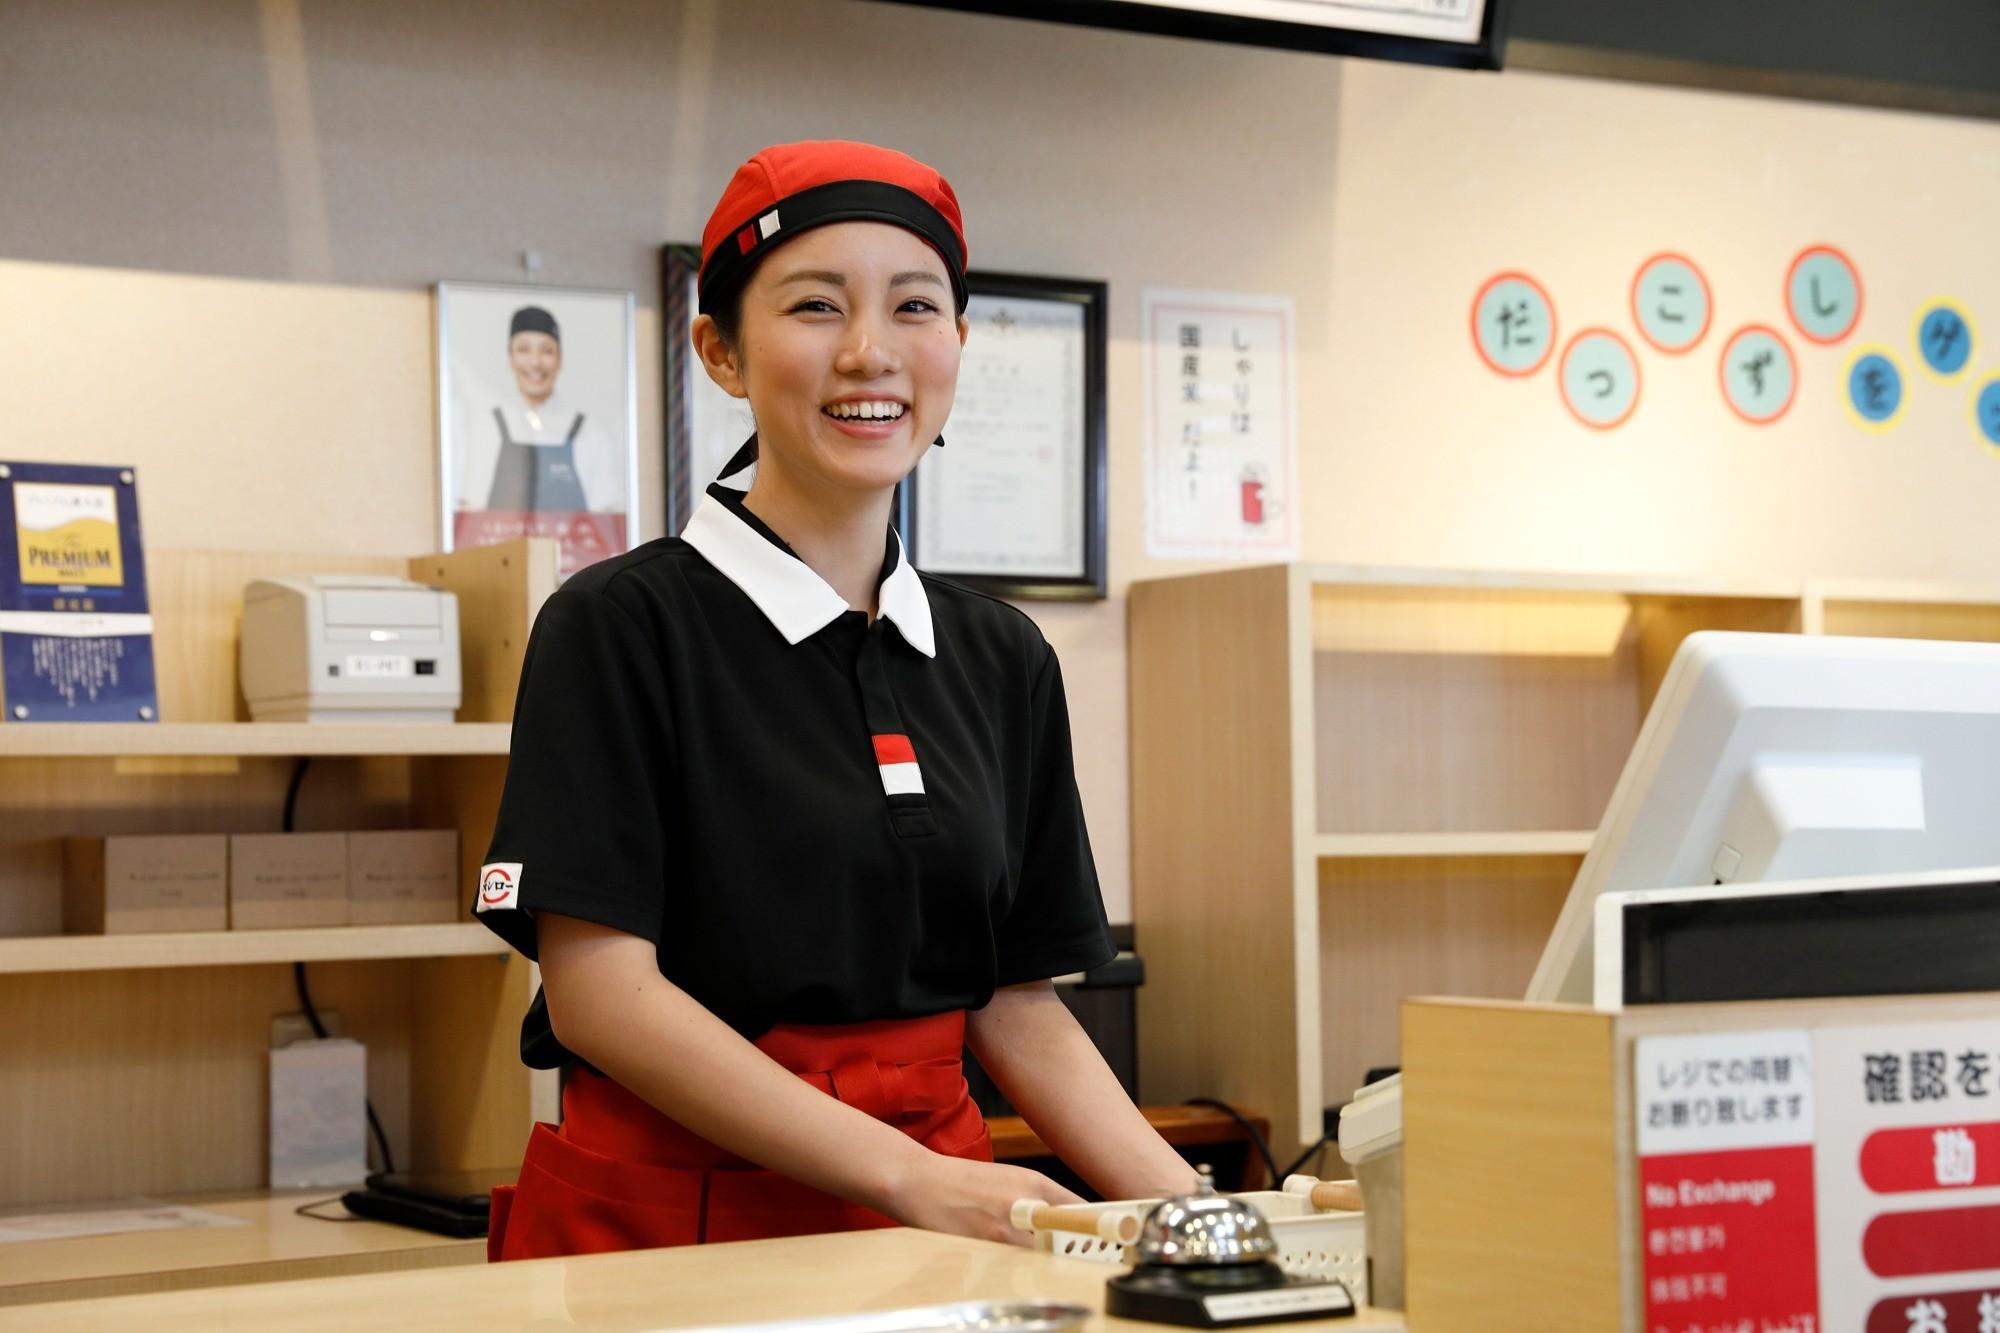 スシロー 川崎野川店 のイメージ